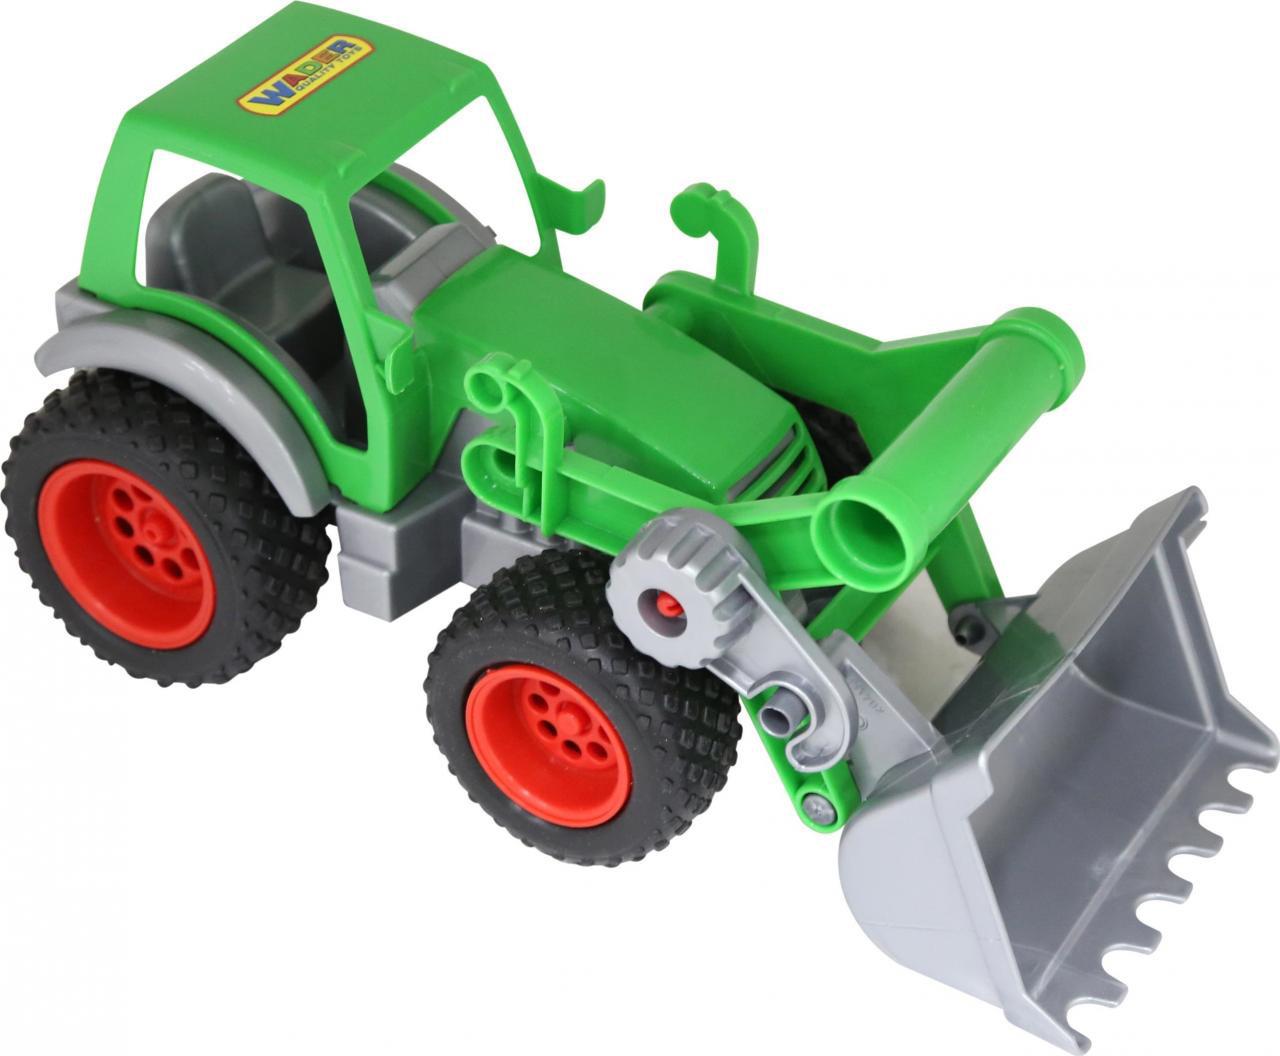 Трактор-погрузчик Полесье Фермер-техник, цвет в ассортименте полесье погрузчик карат цвет в ассортименте